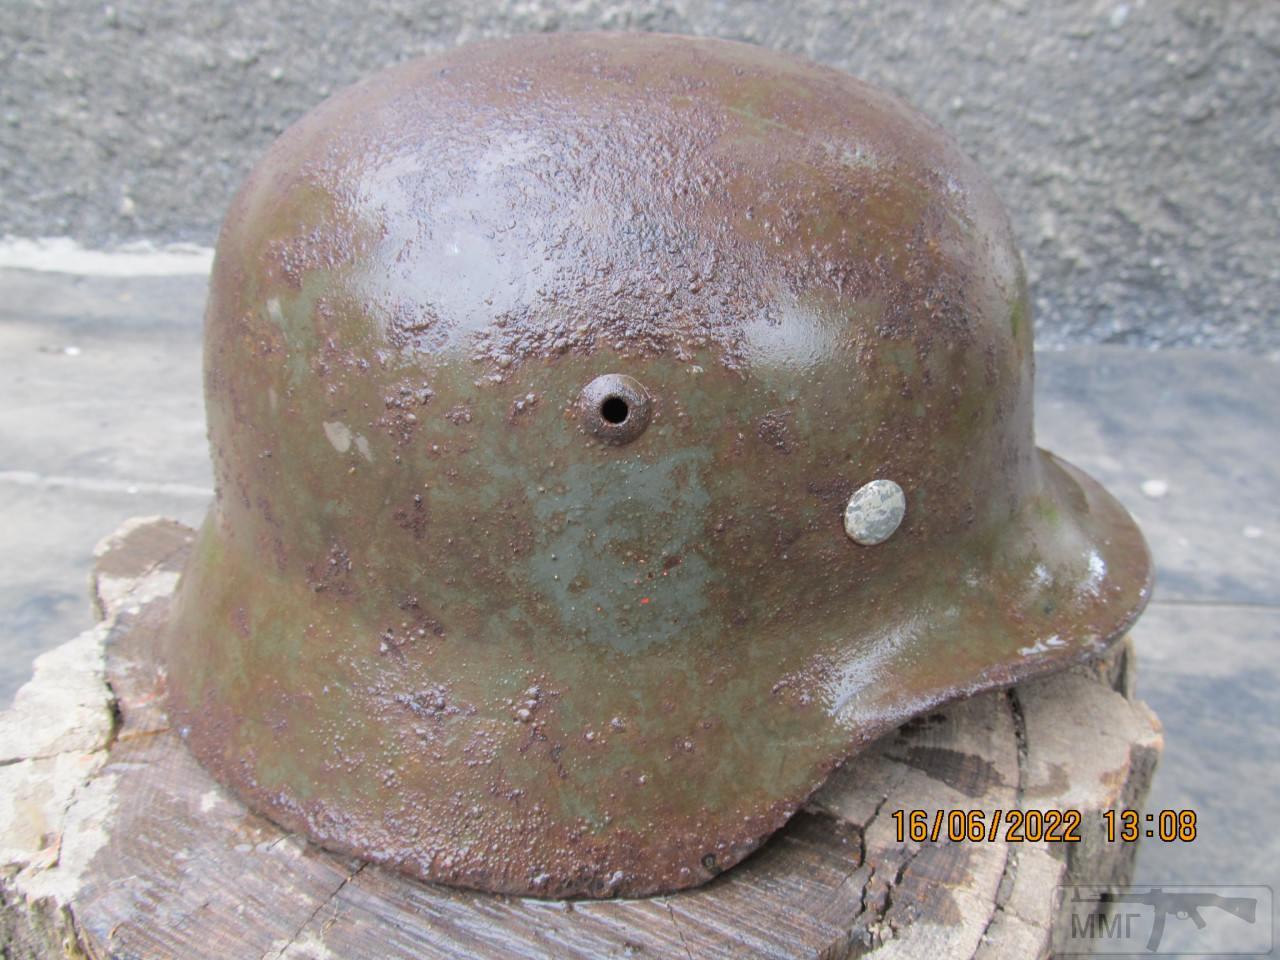 112430 - Реанімація залізної шапки вермахта М35